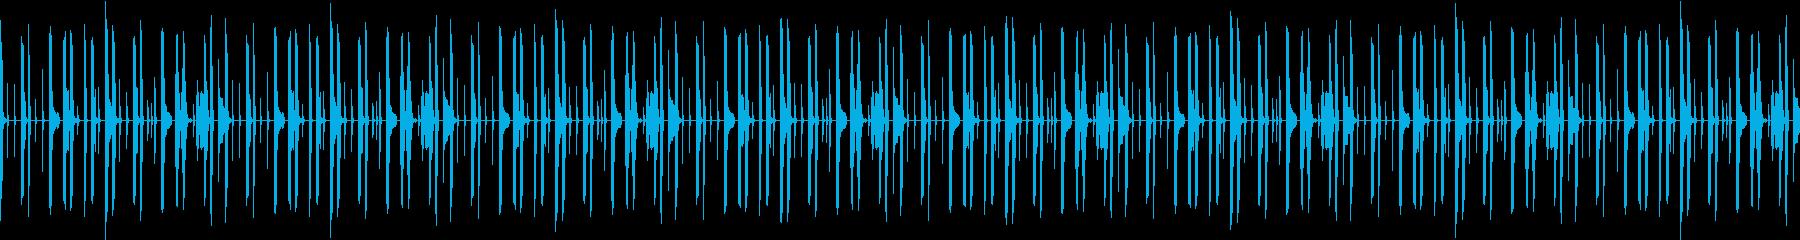 ドラムのみドライな打ち込みリズムループの再生済みの波形